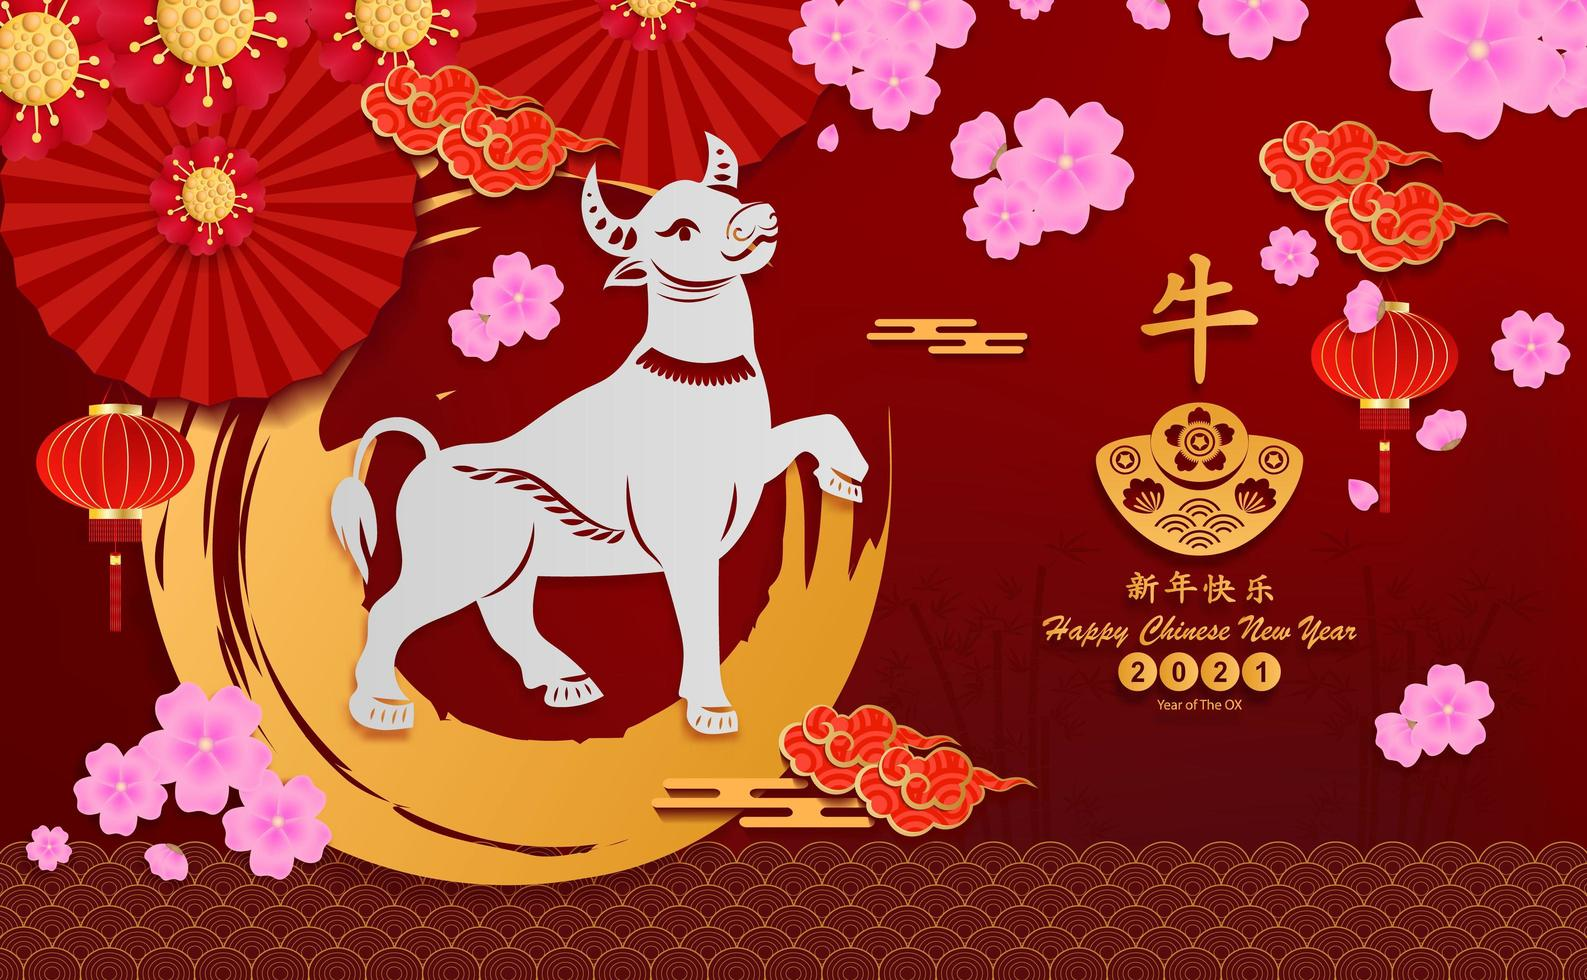 feliz año nuevo chino 2021 vector papel cortado buey elementos asiáticos y seguidor. la traducción al chino es feliz año nuevo chino 2021